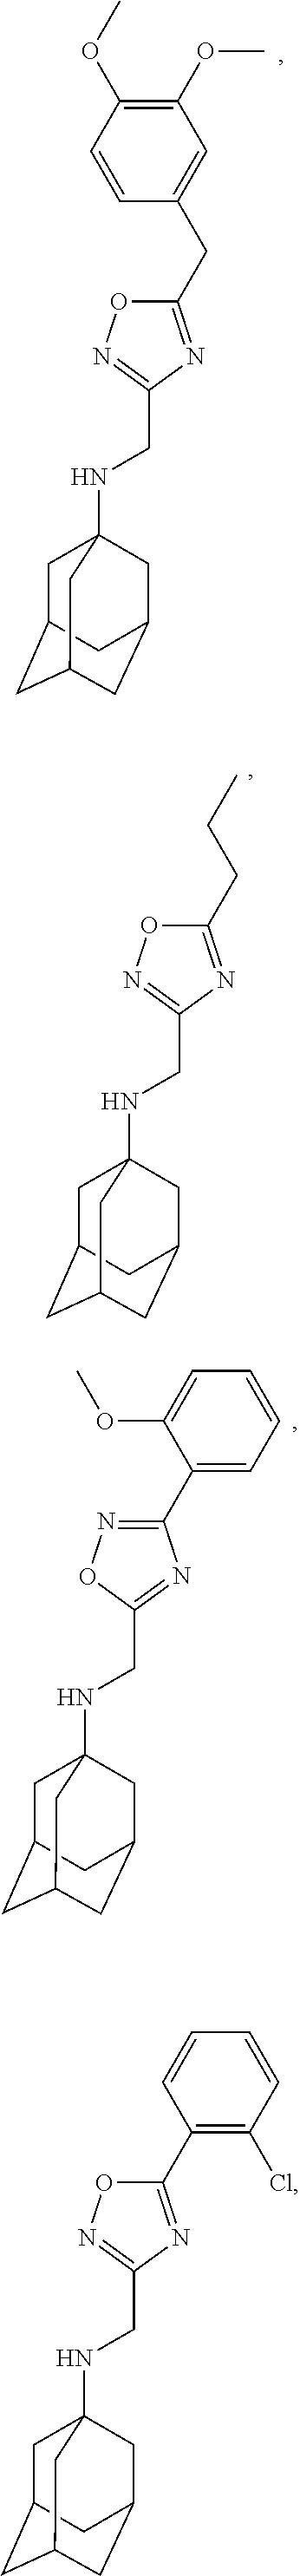 Figure US09884832-20180206-C00081